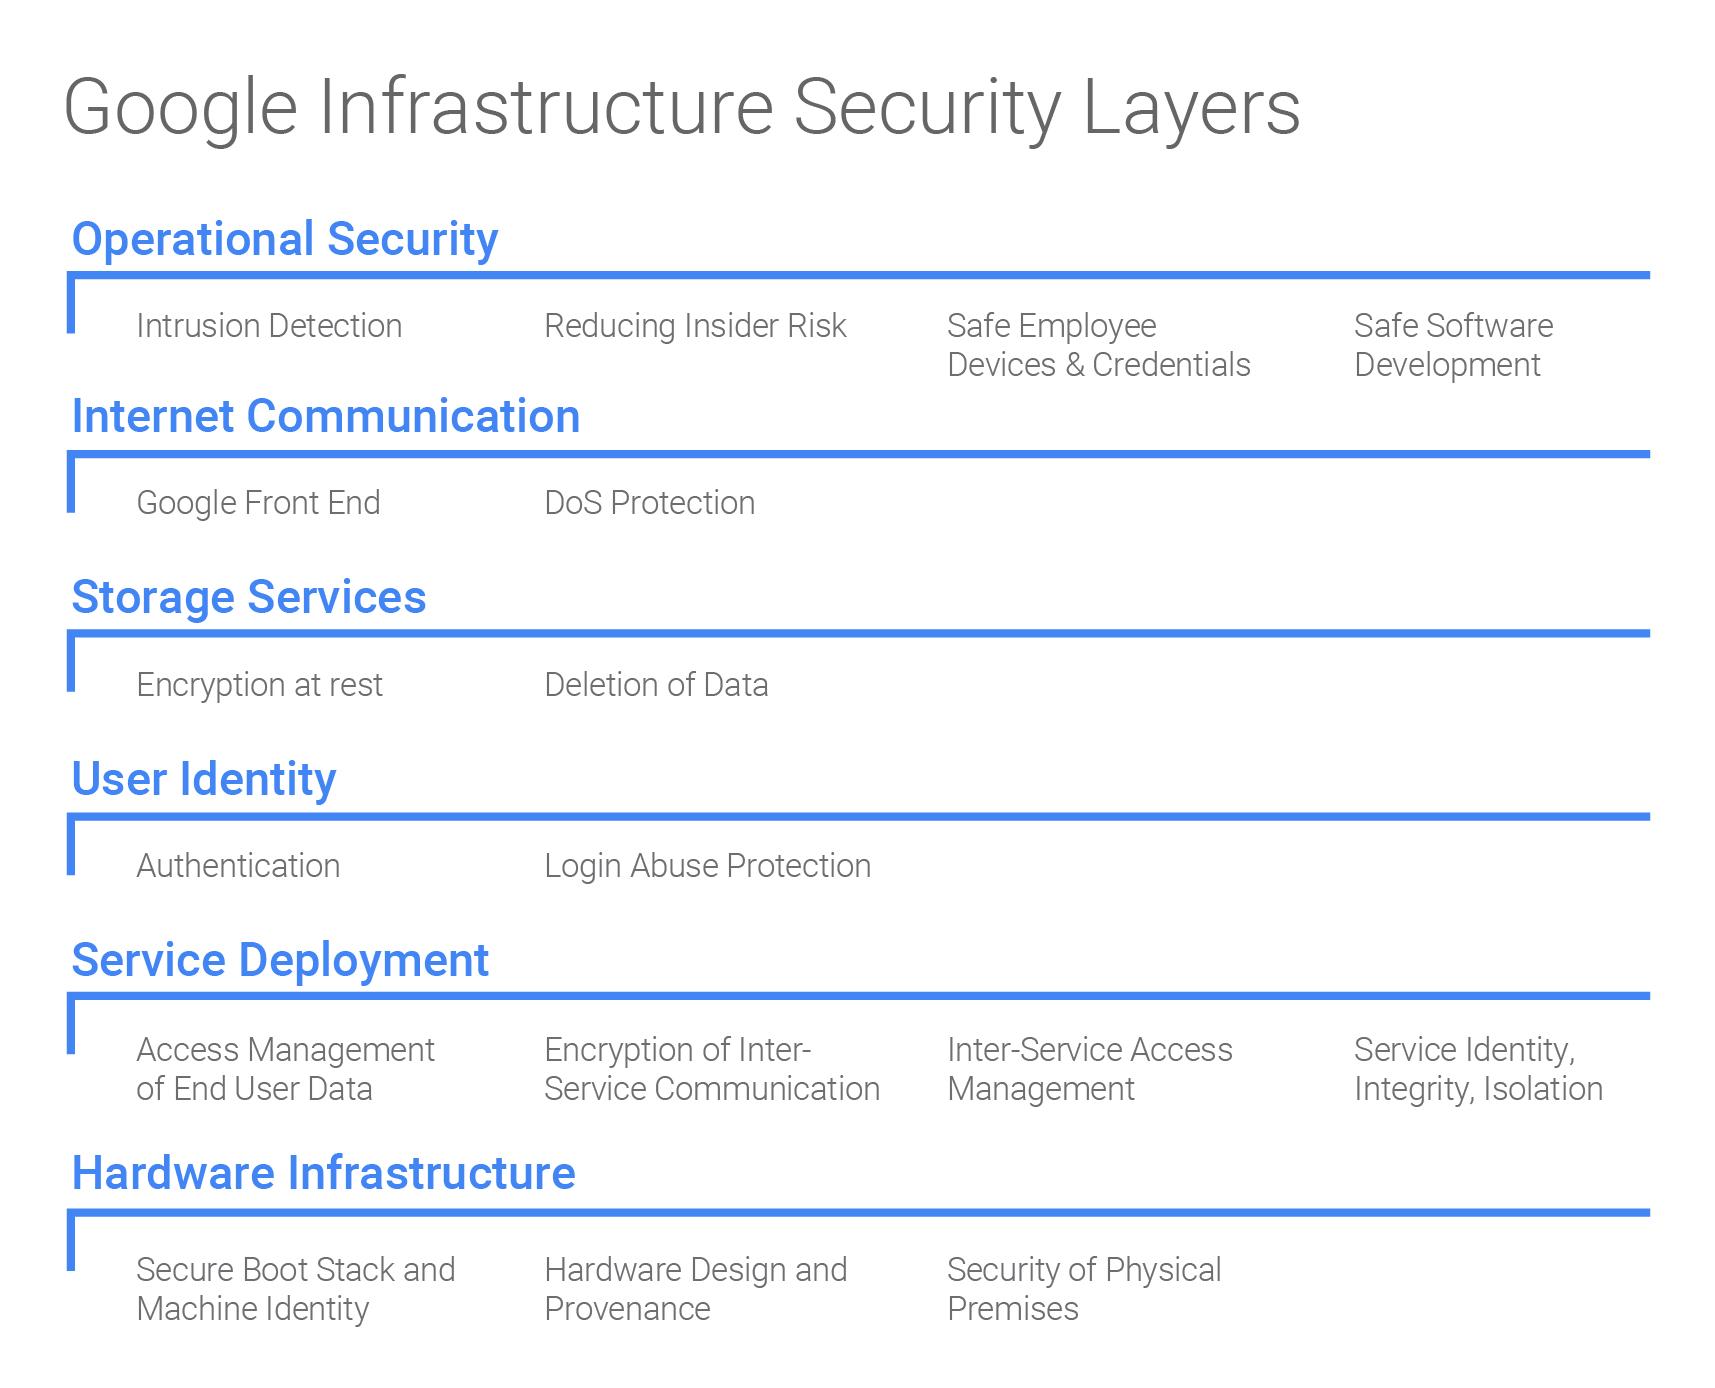 보안 레이어에는 운영 보안, 인터넷 통신, 저장소 서비스, 사용자 ID, 서비스 배포, 하드웨어 인프라가 포함됩니다.